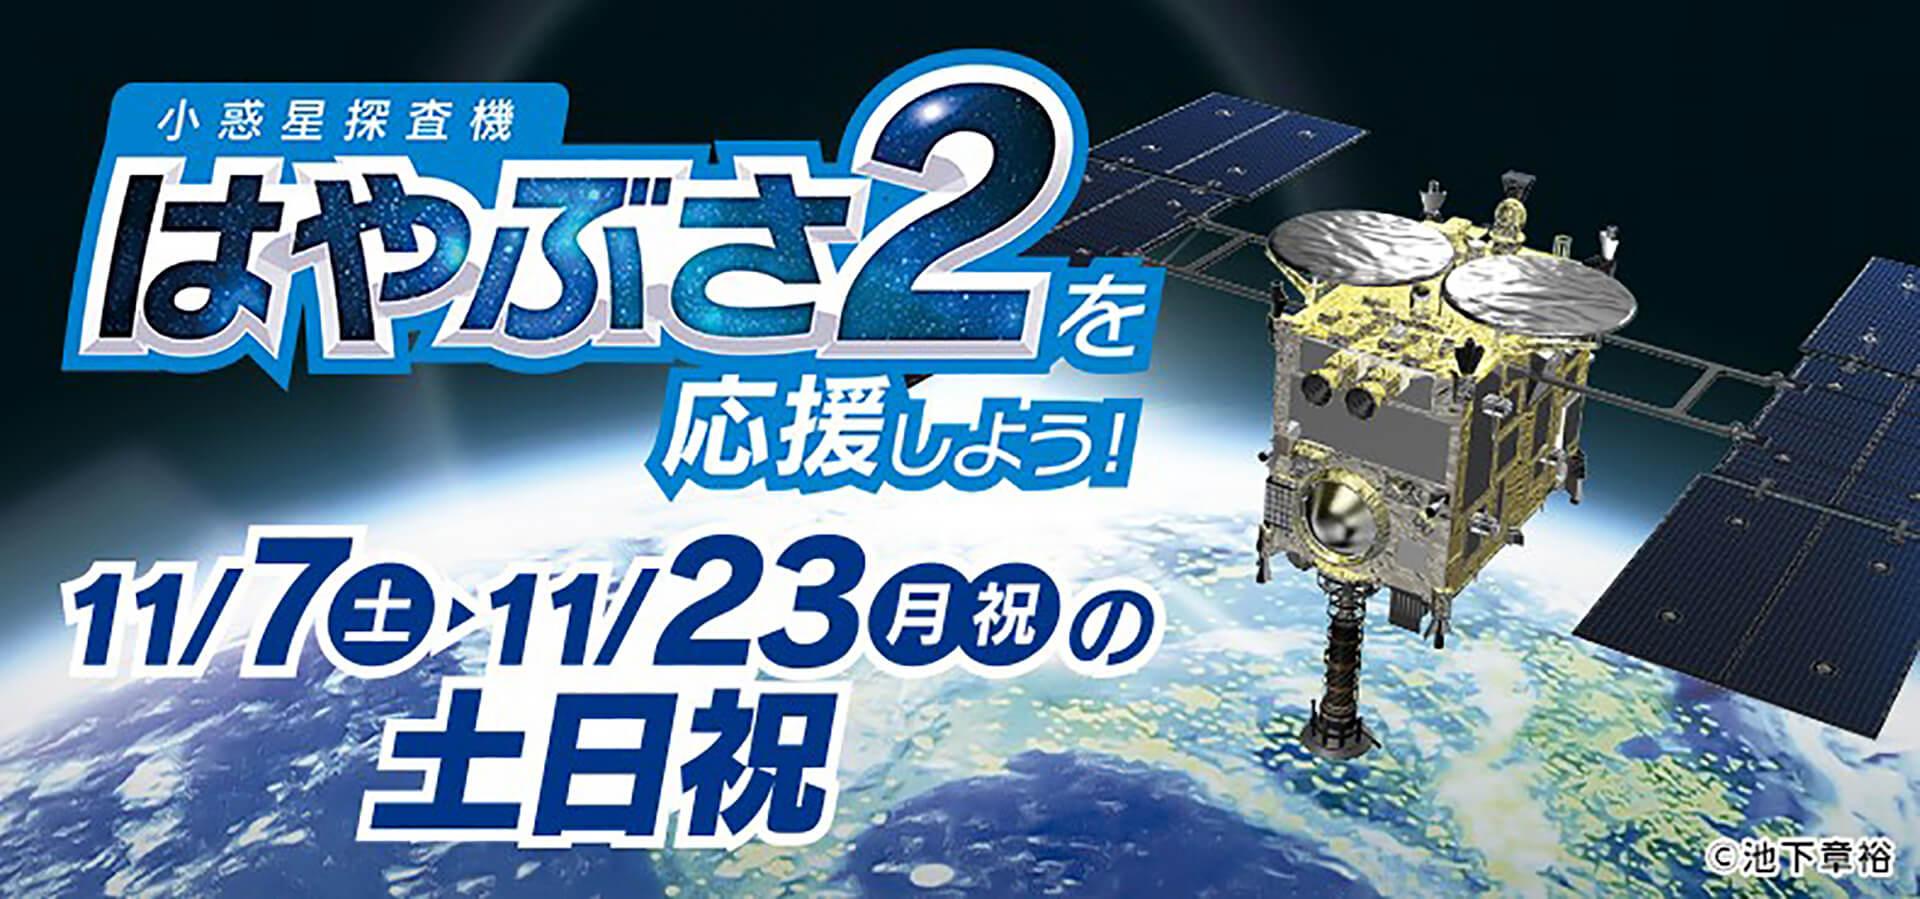 小惑星探査機はやぶさ2を応援しよう!